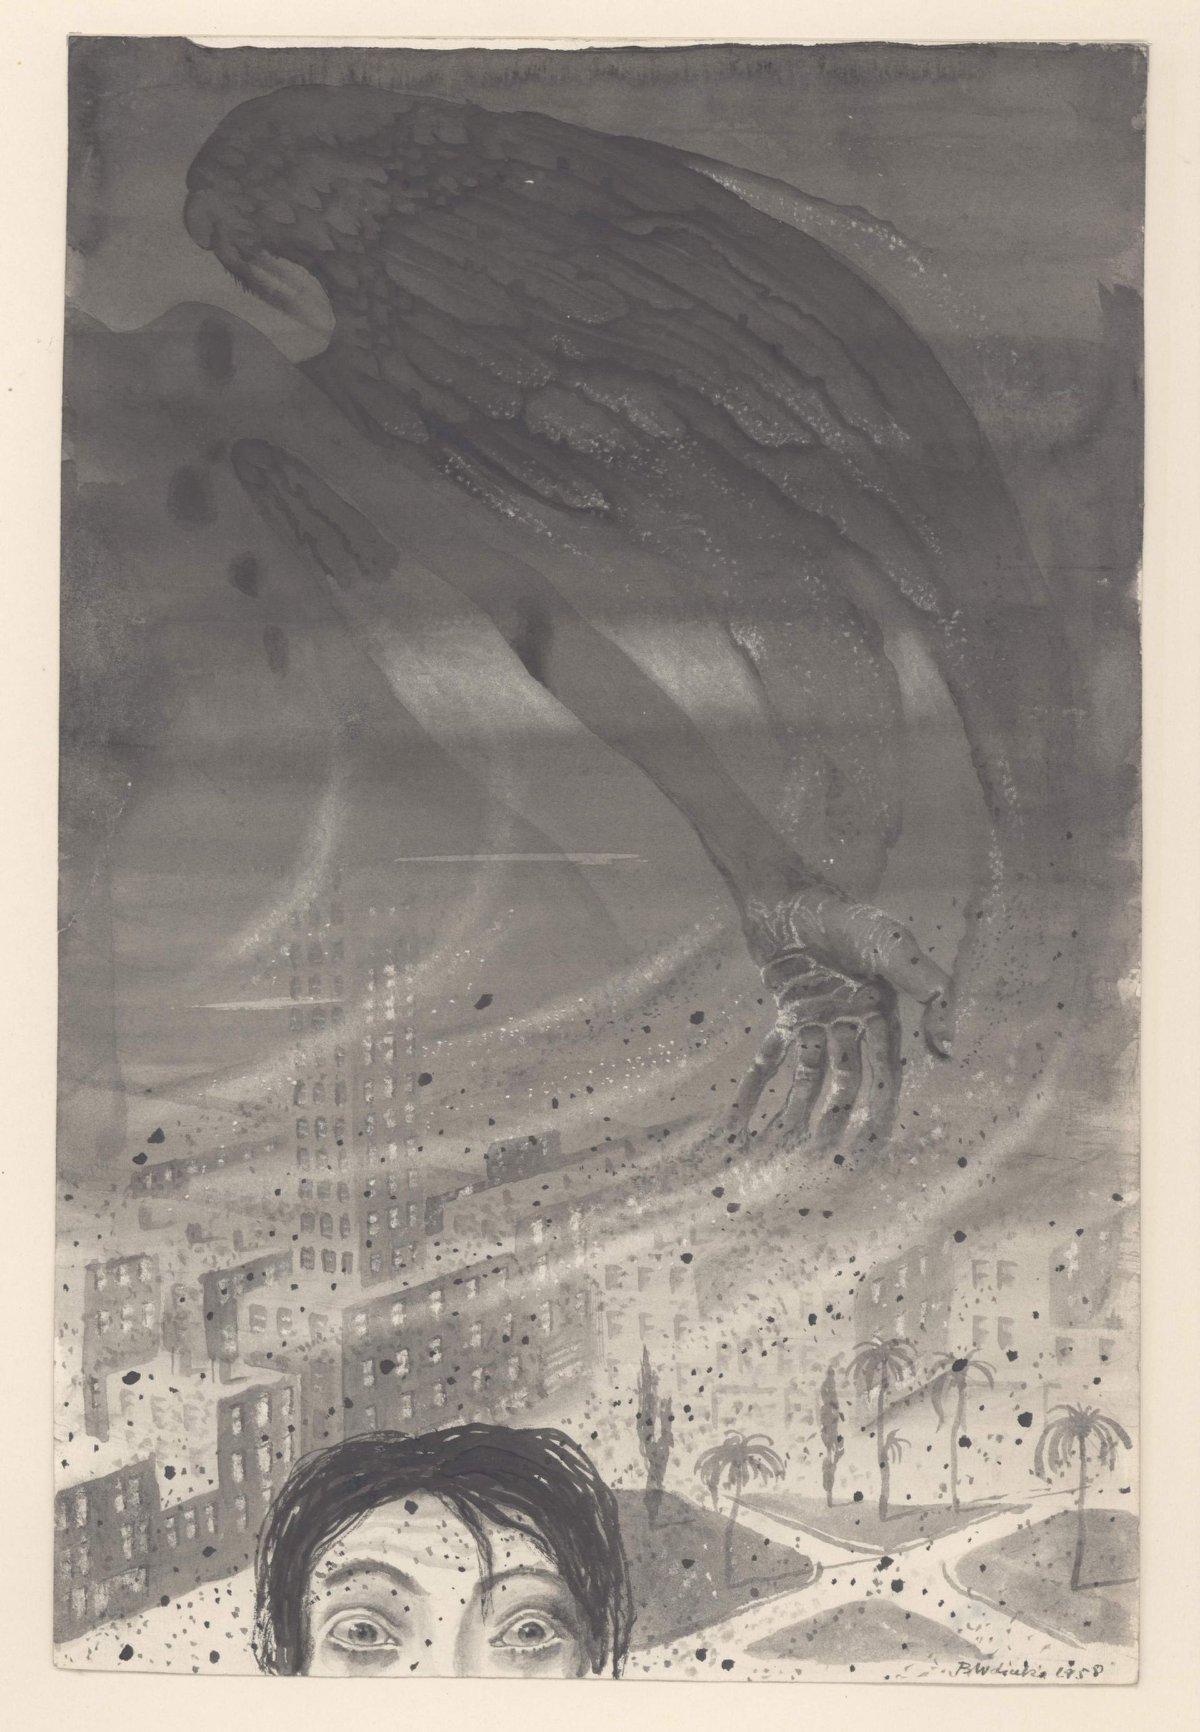 Bronisław Wojciech Linke - Radioactive dust, 1958